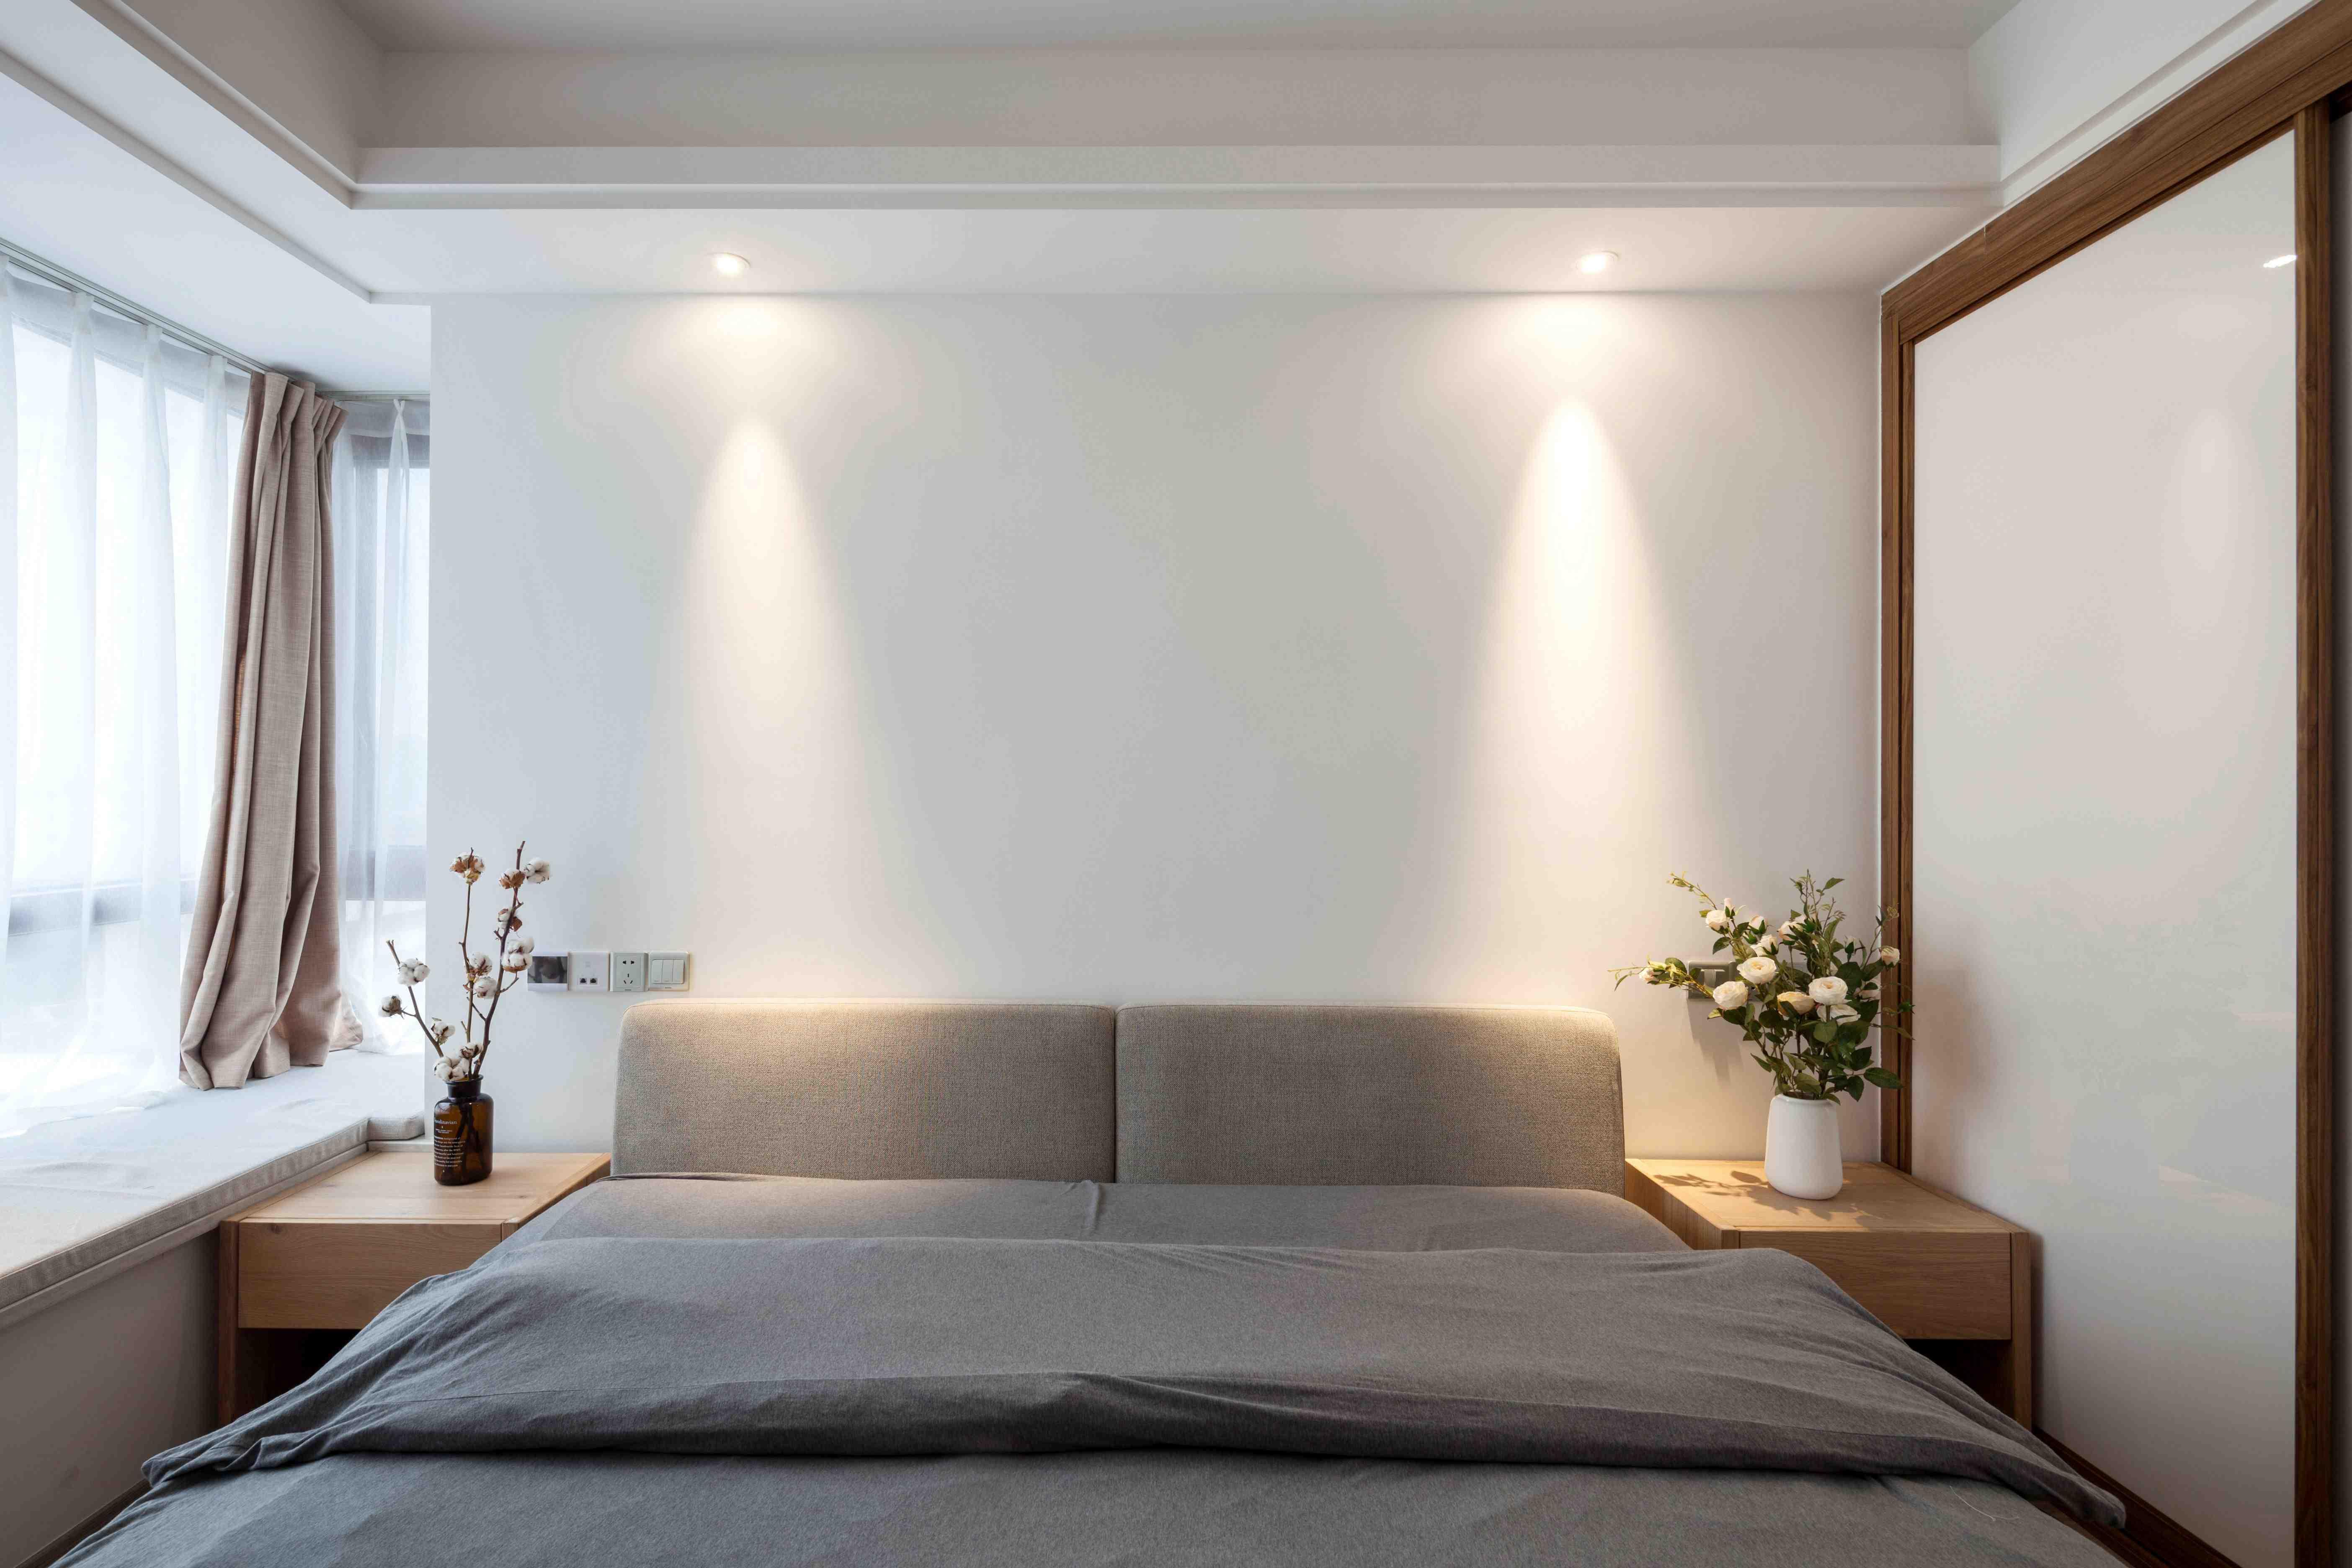 北欧风卧室装修效果图